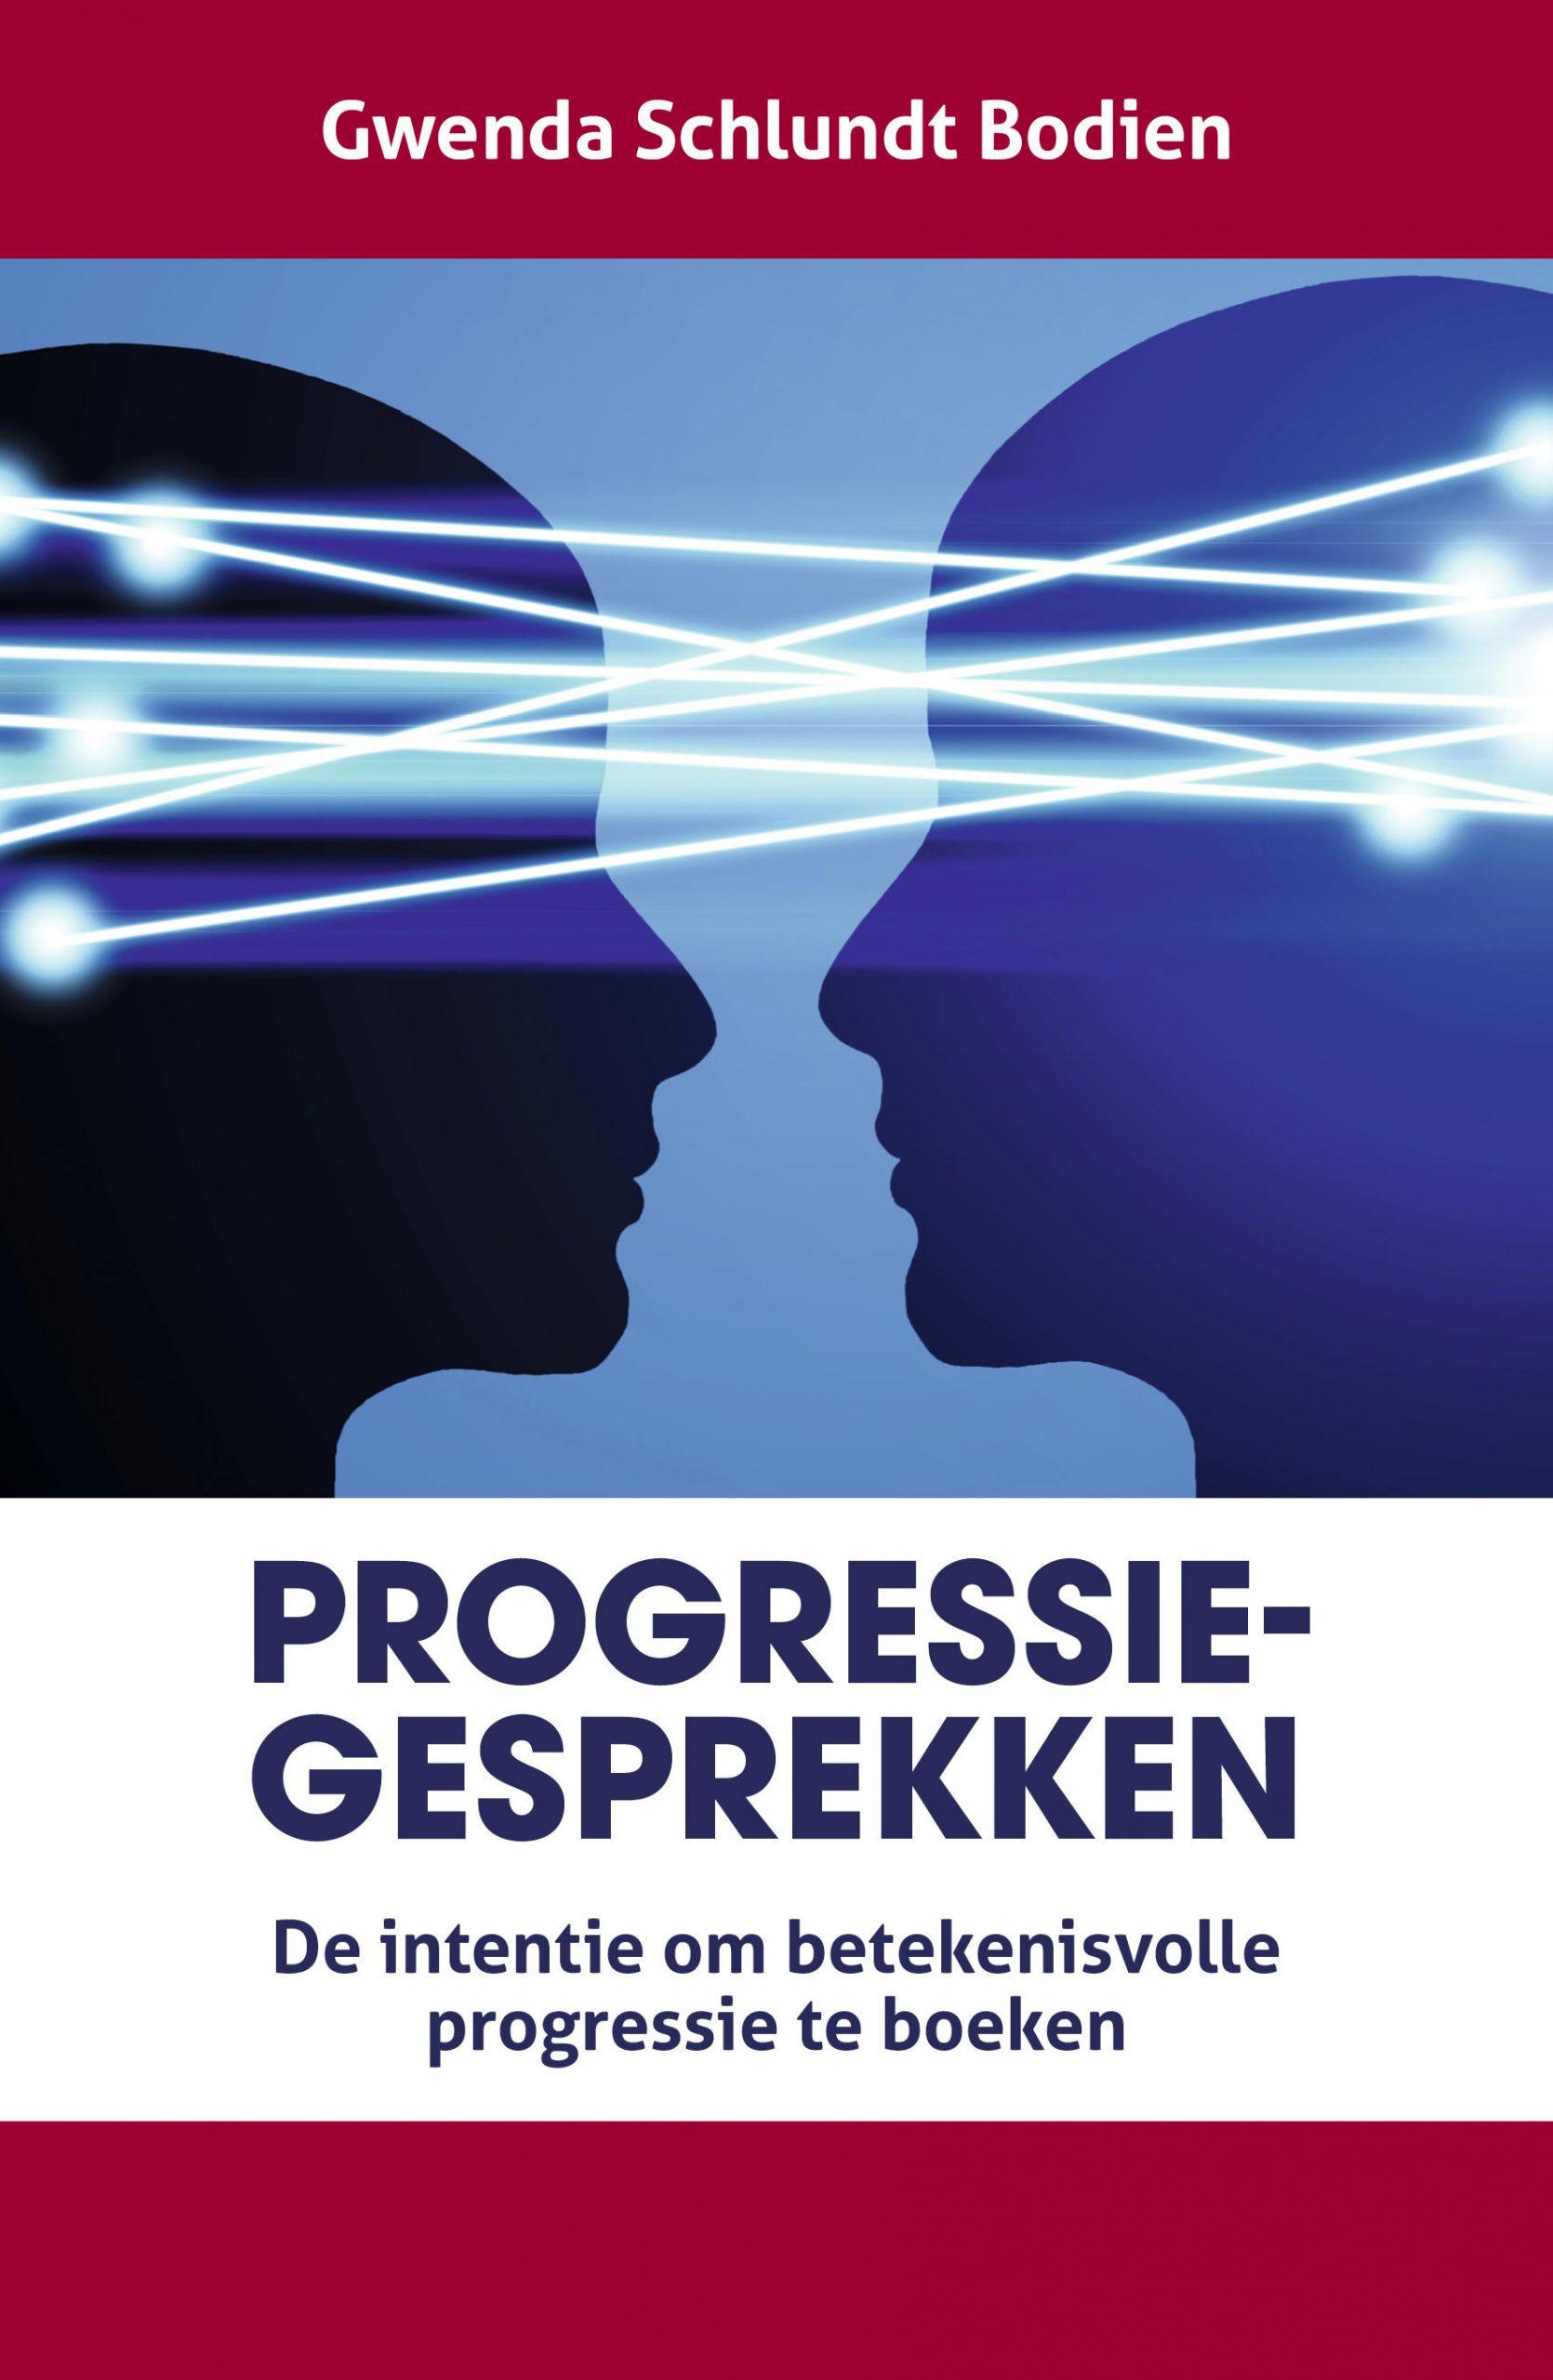 Progressiegesprekken, de intentie om betekenisvolle progressie te boeken